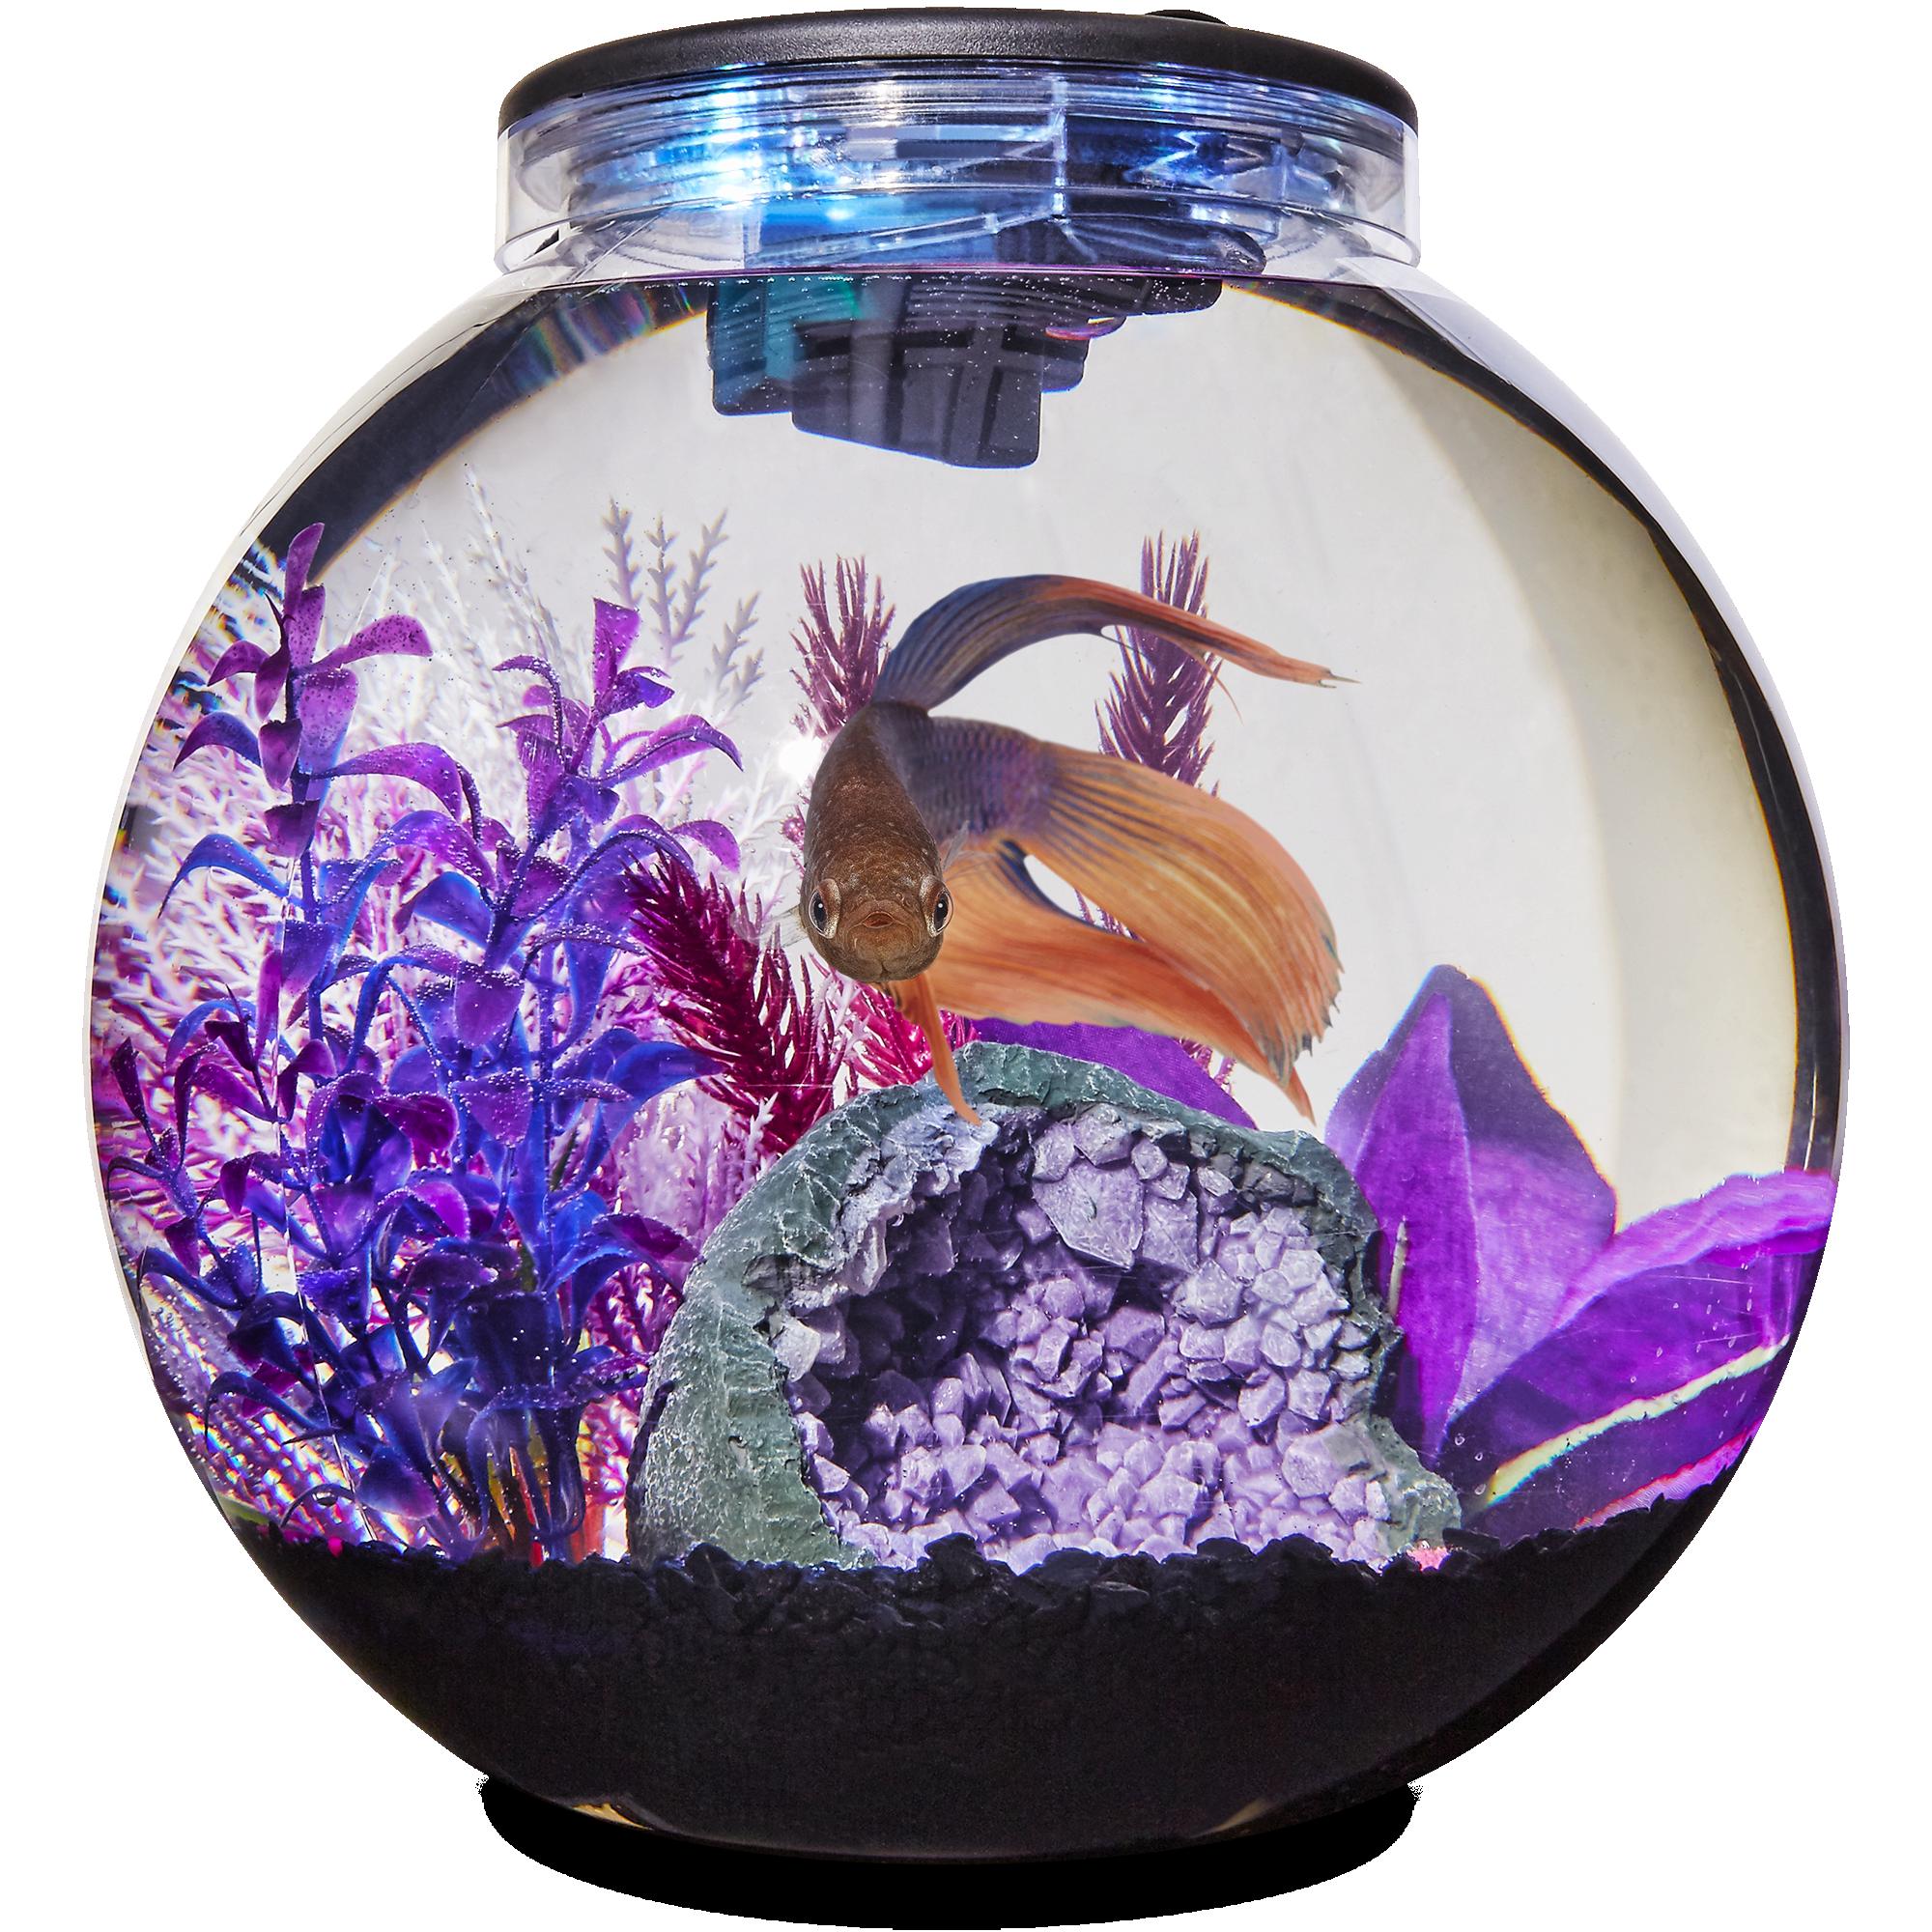 Imagitarium Freshwater Globe Kit 3 1 Gal Petco